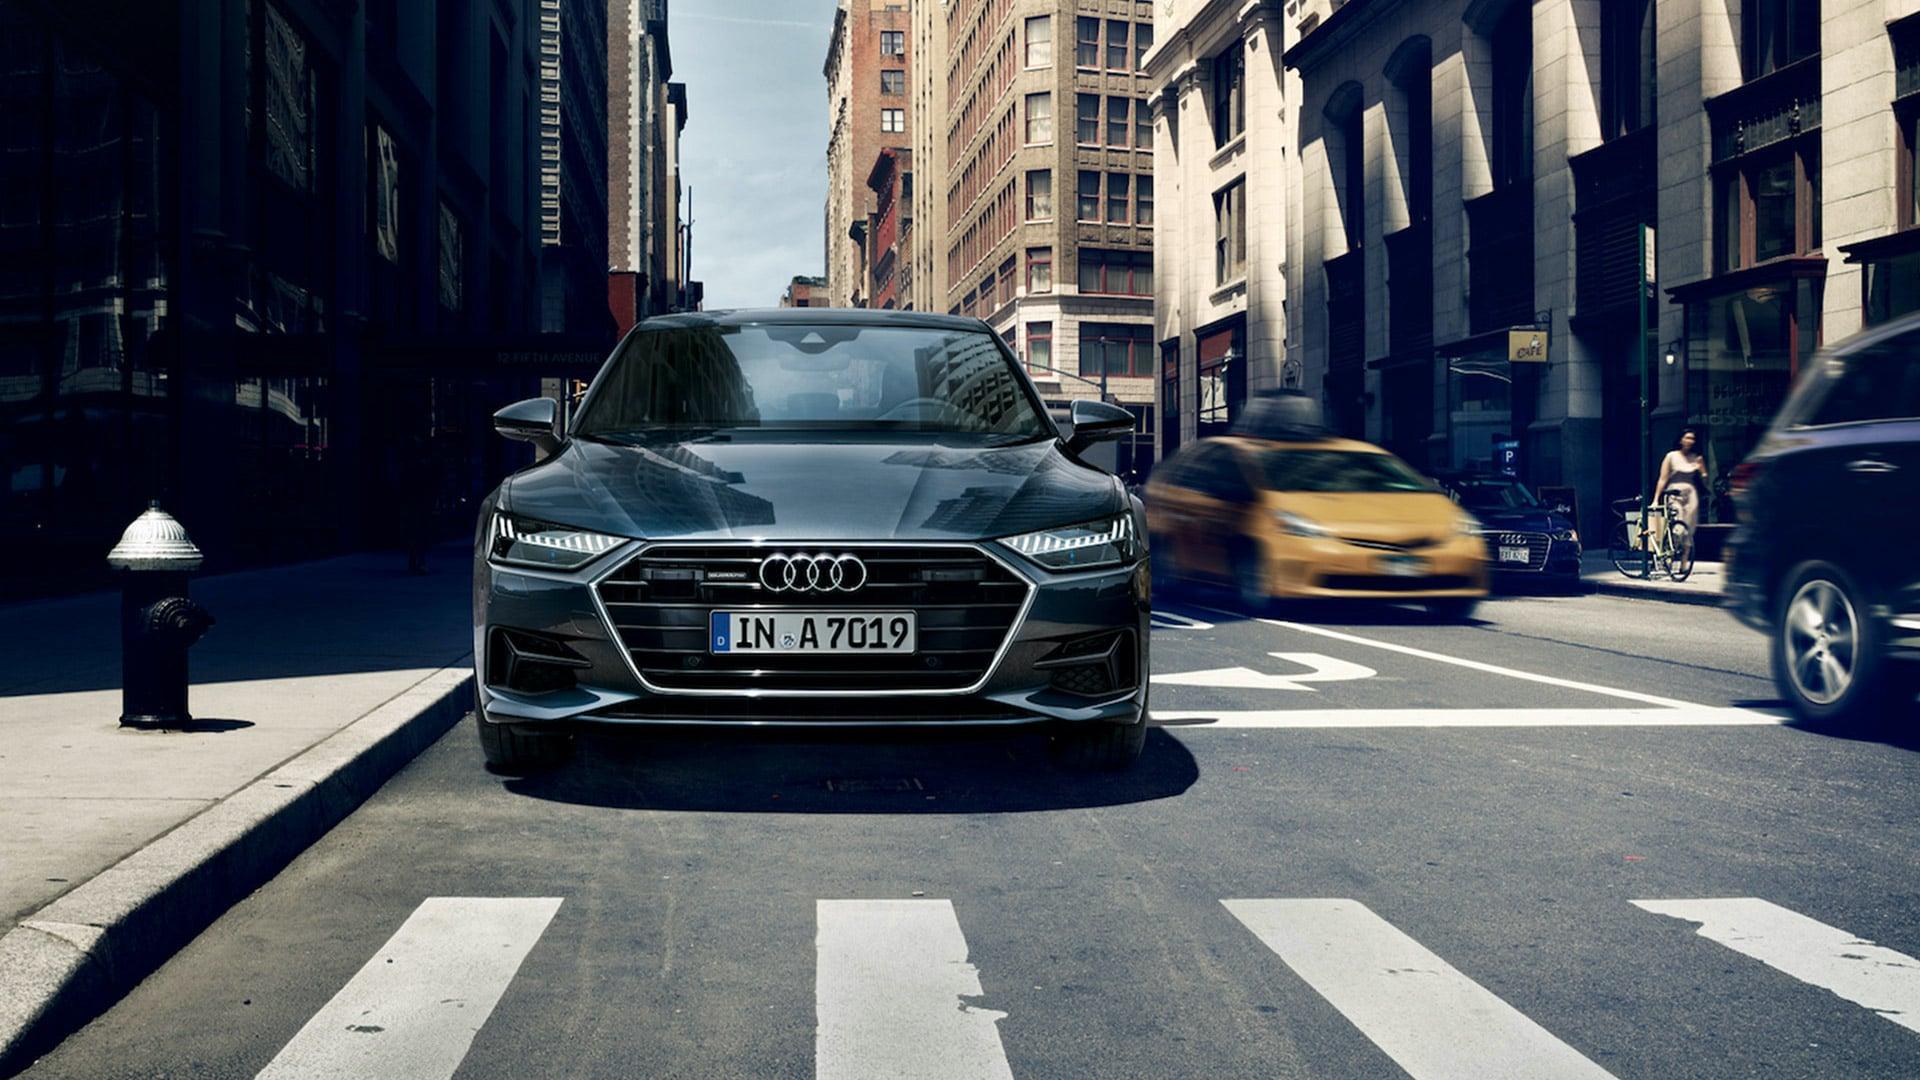 Audi A7 Audi Com